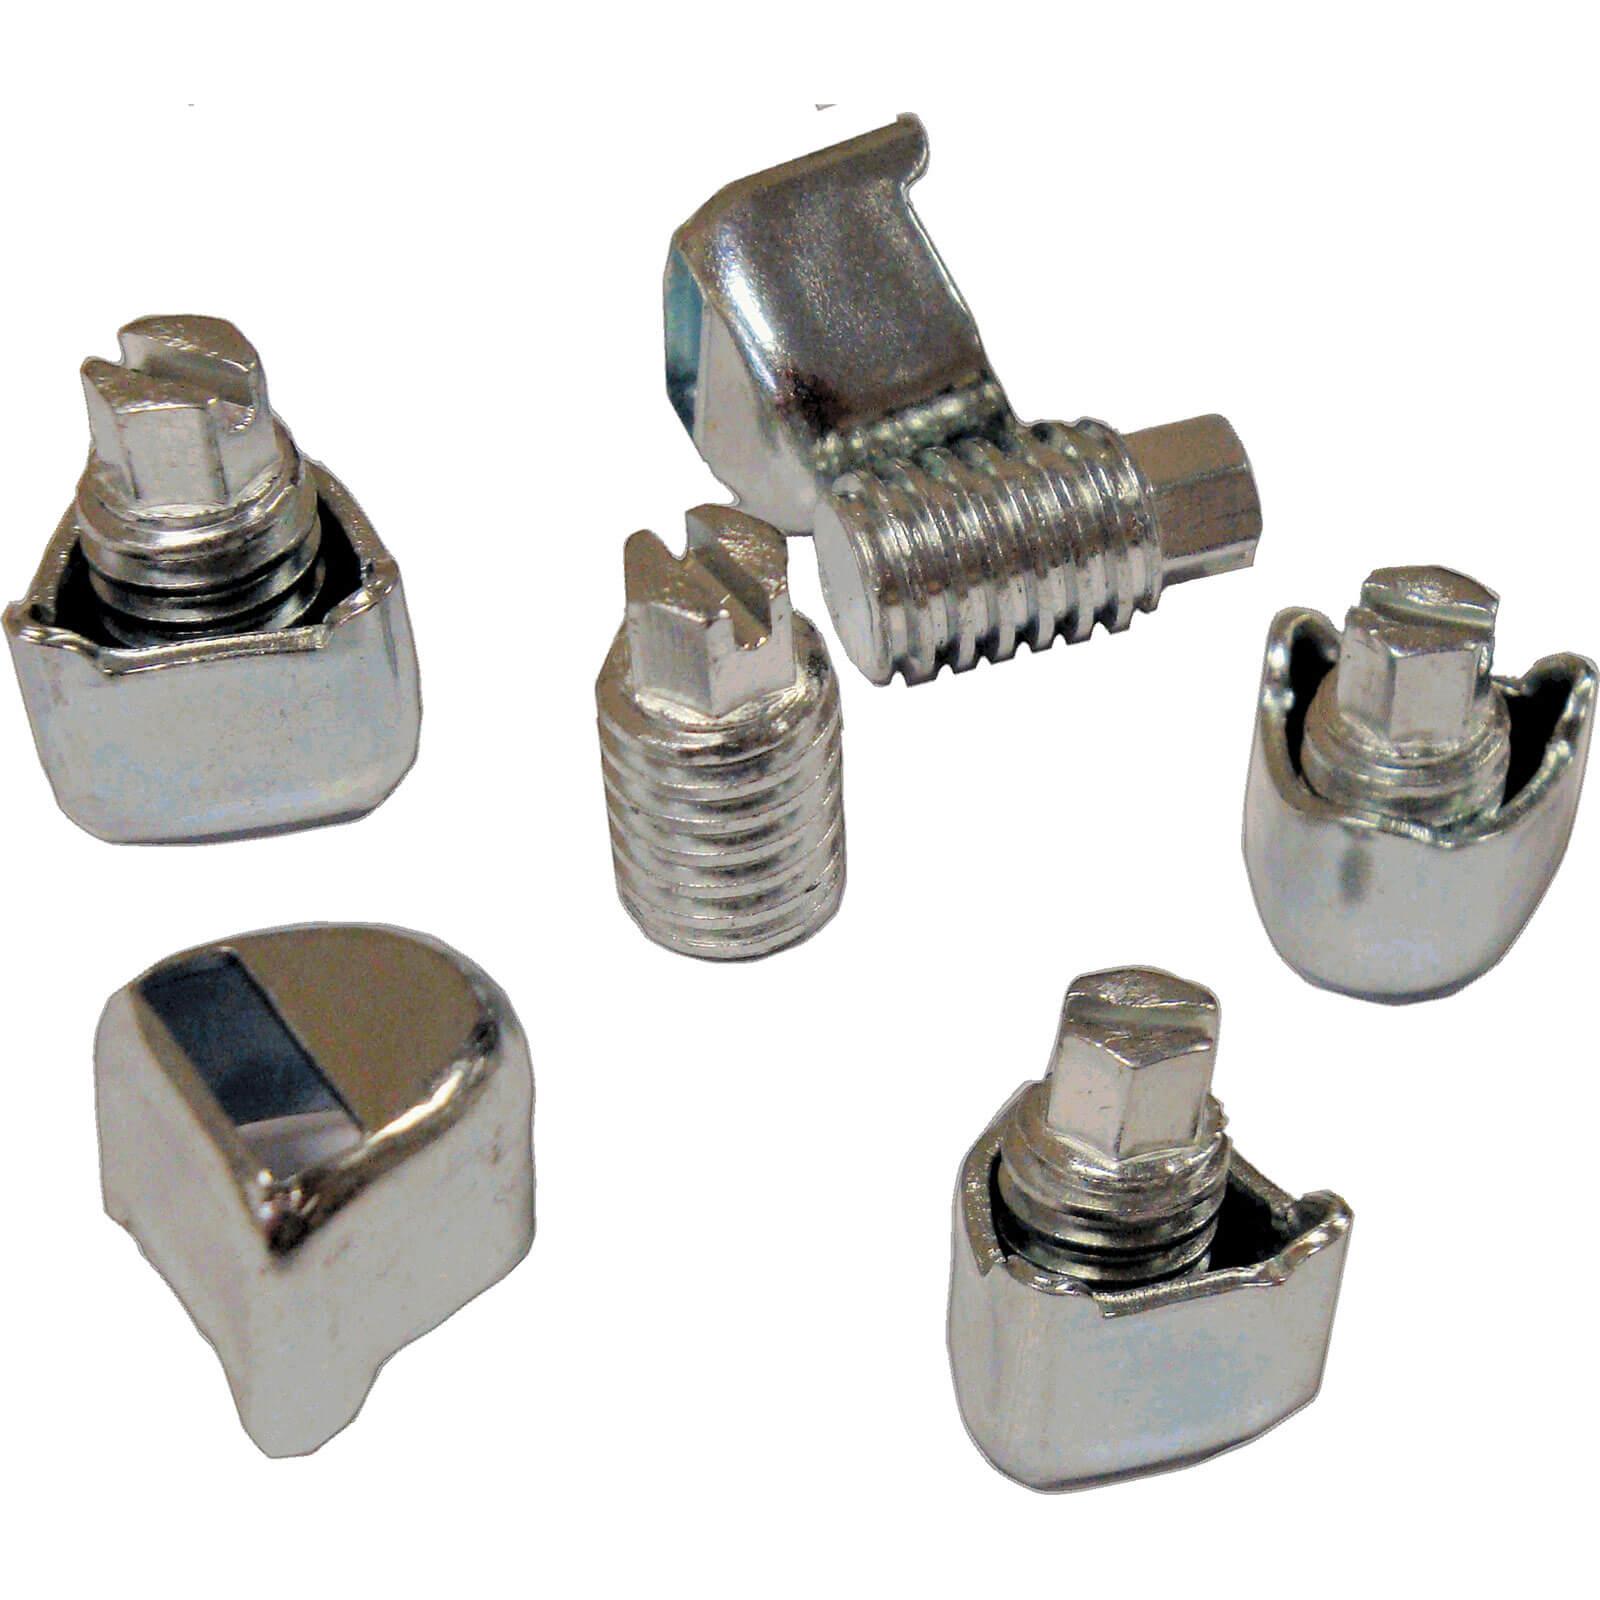 Jubilee Multiband Housing / Screws 11mm 100 Sets Pack